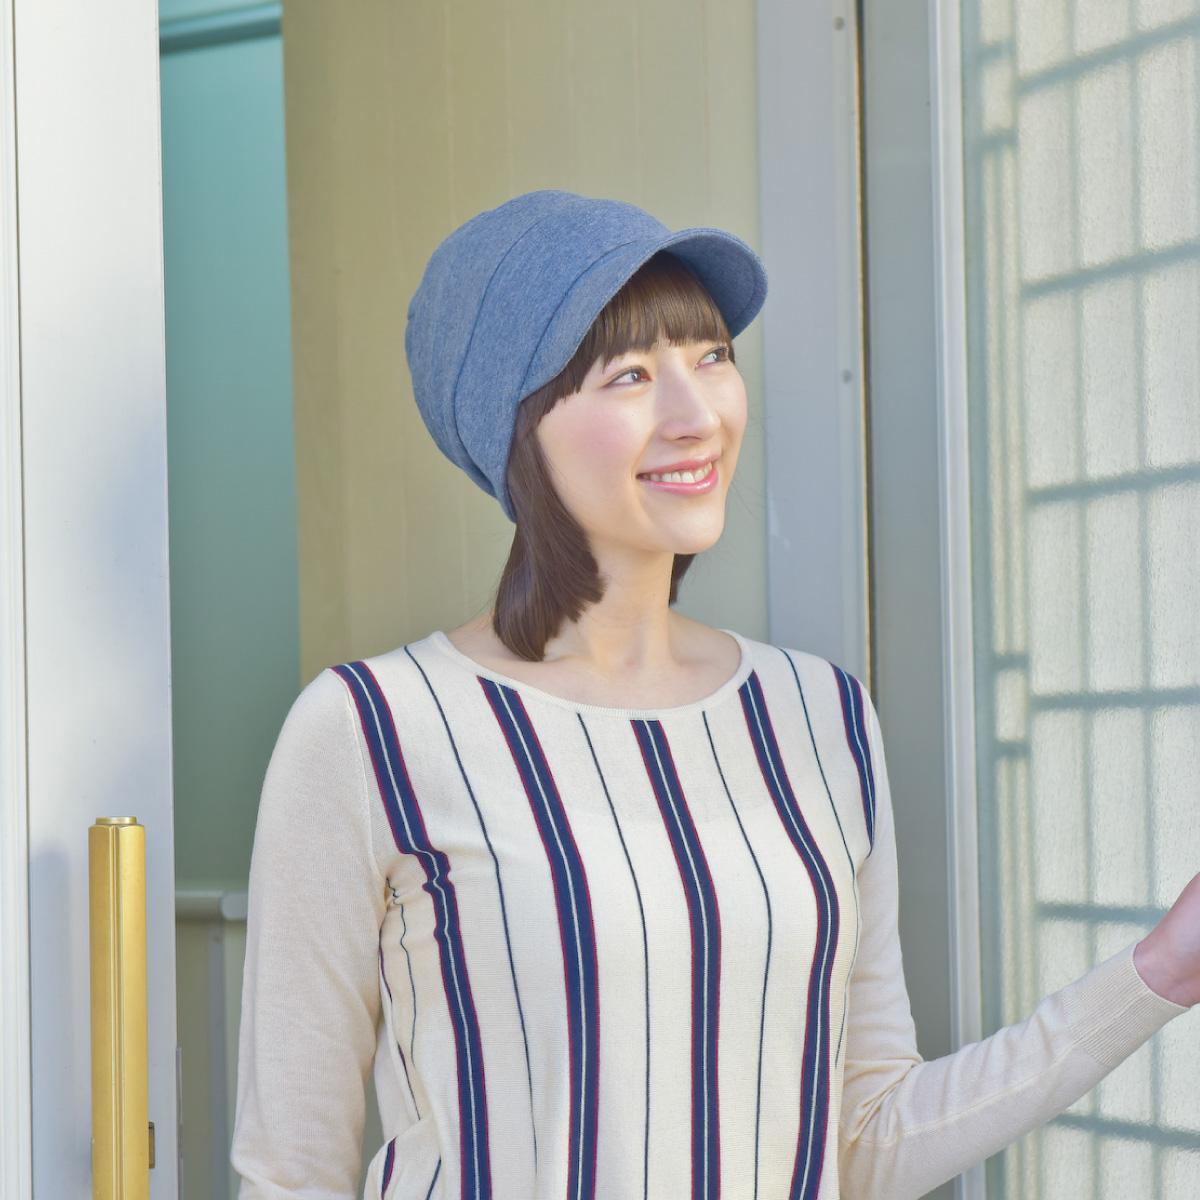 おしゃれ帽子で、お肌トラブル&紫外線対策も